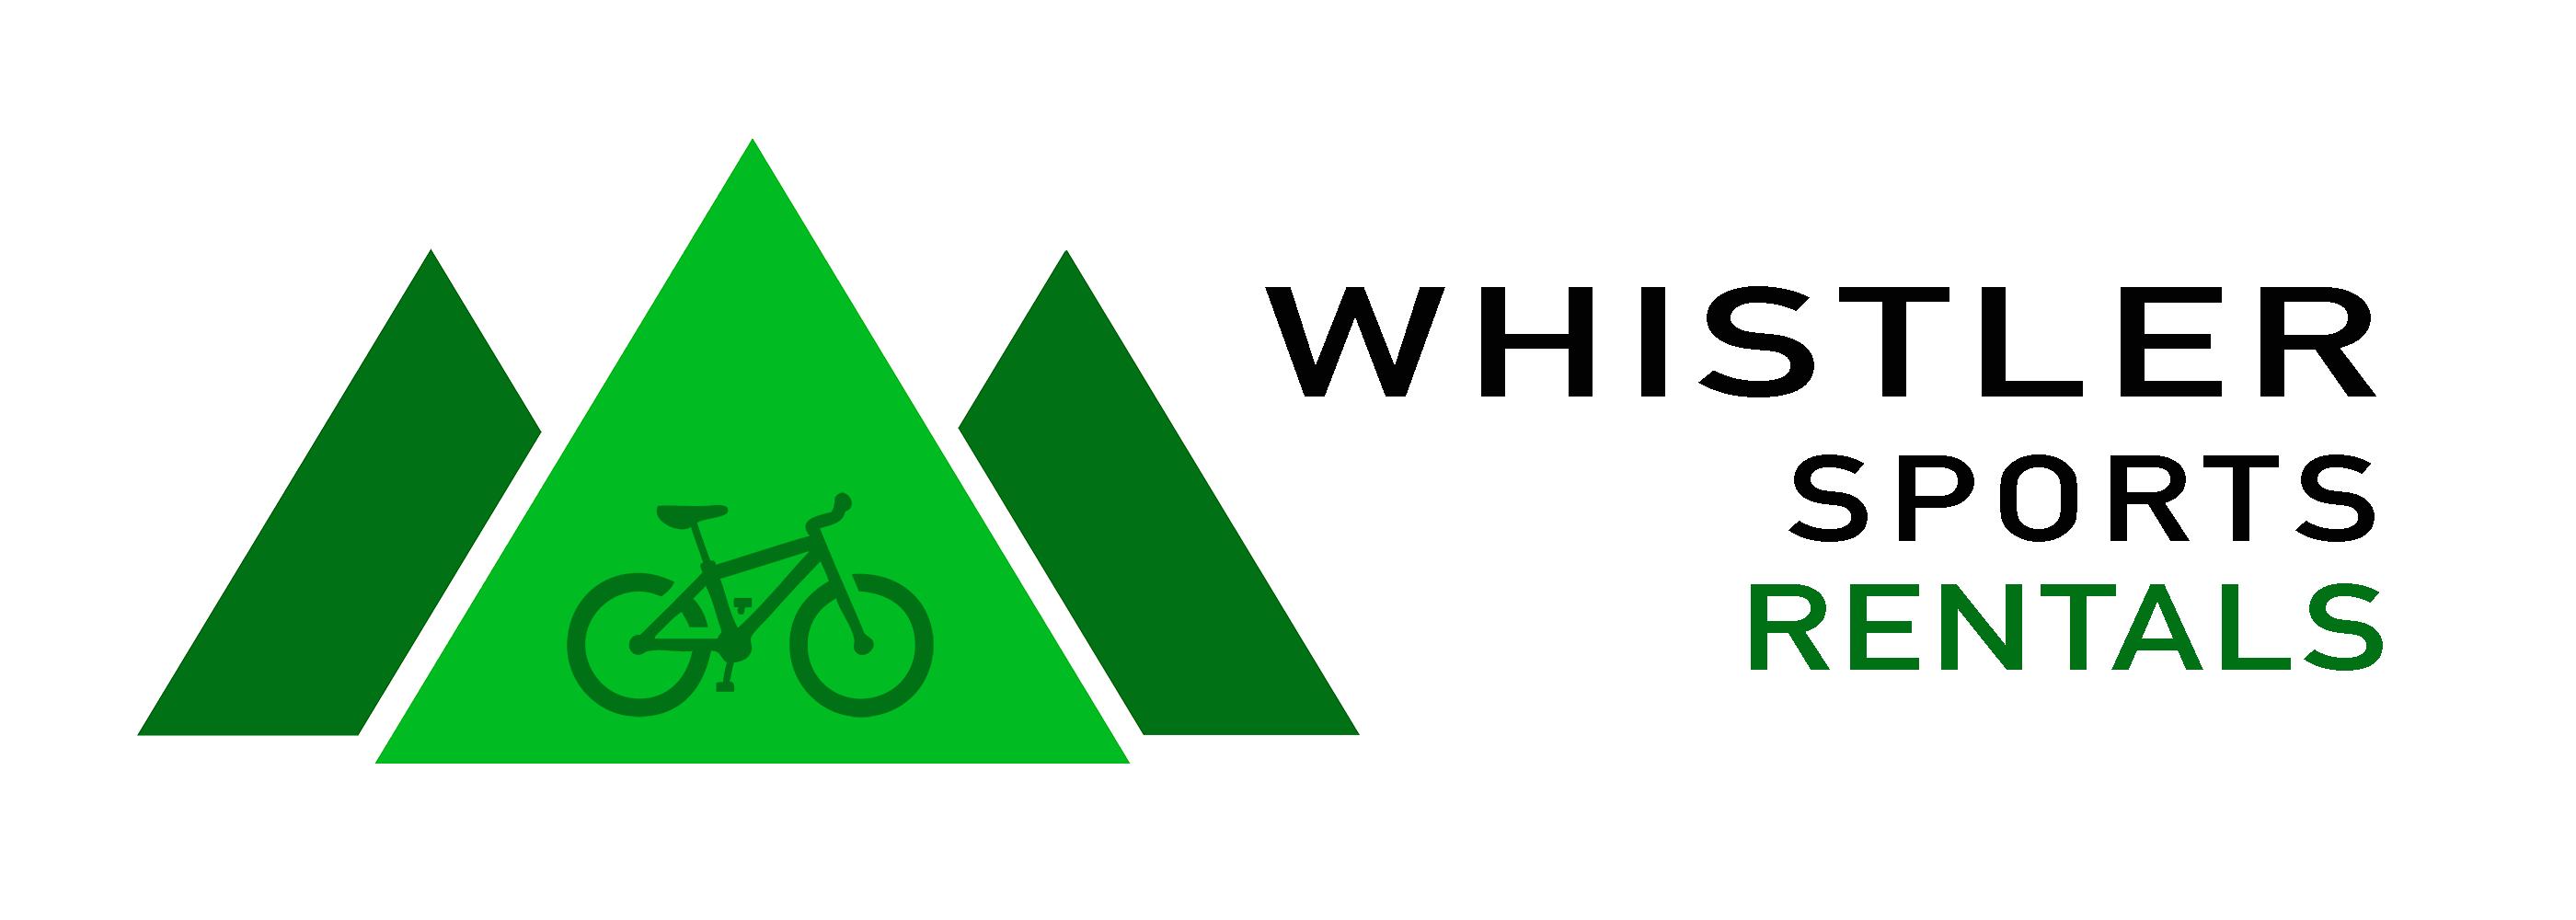 Whistler Sports Rentals